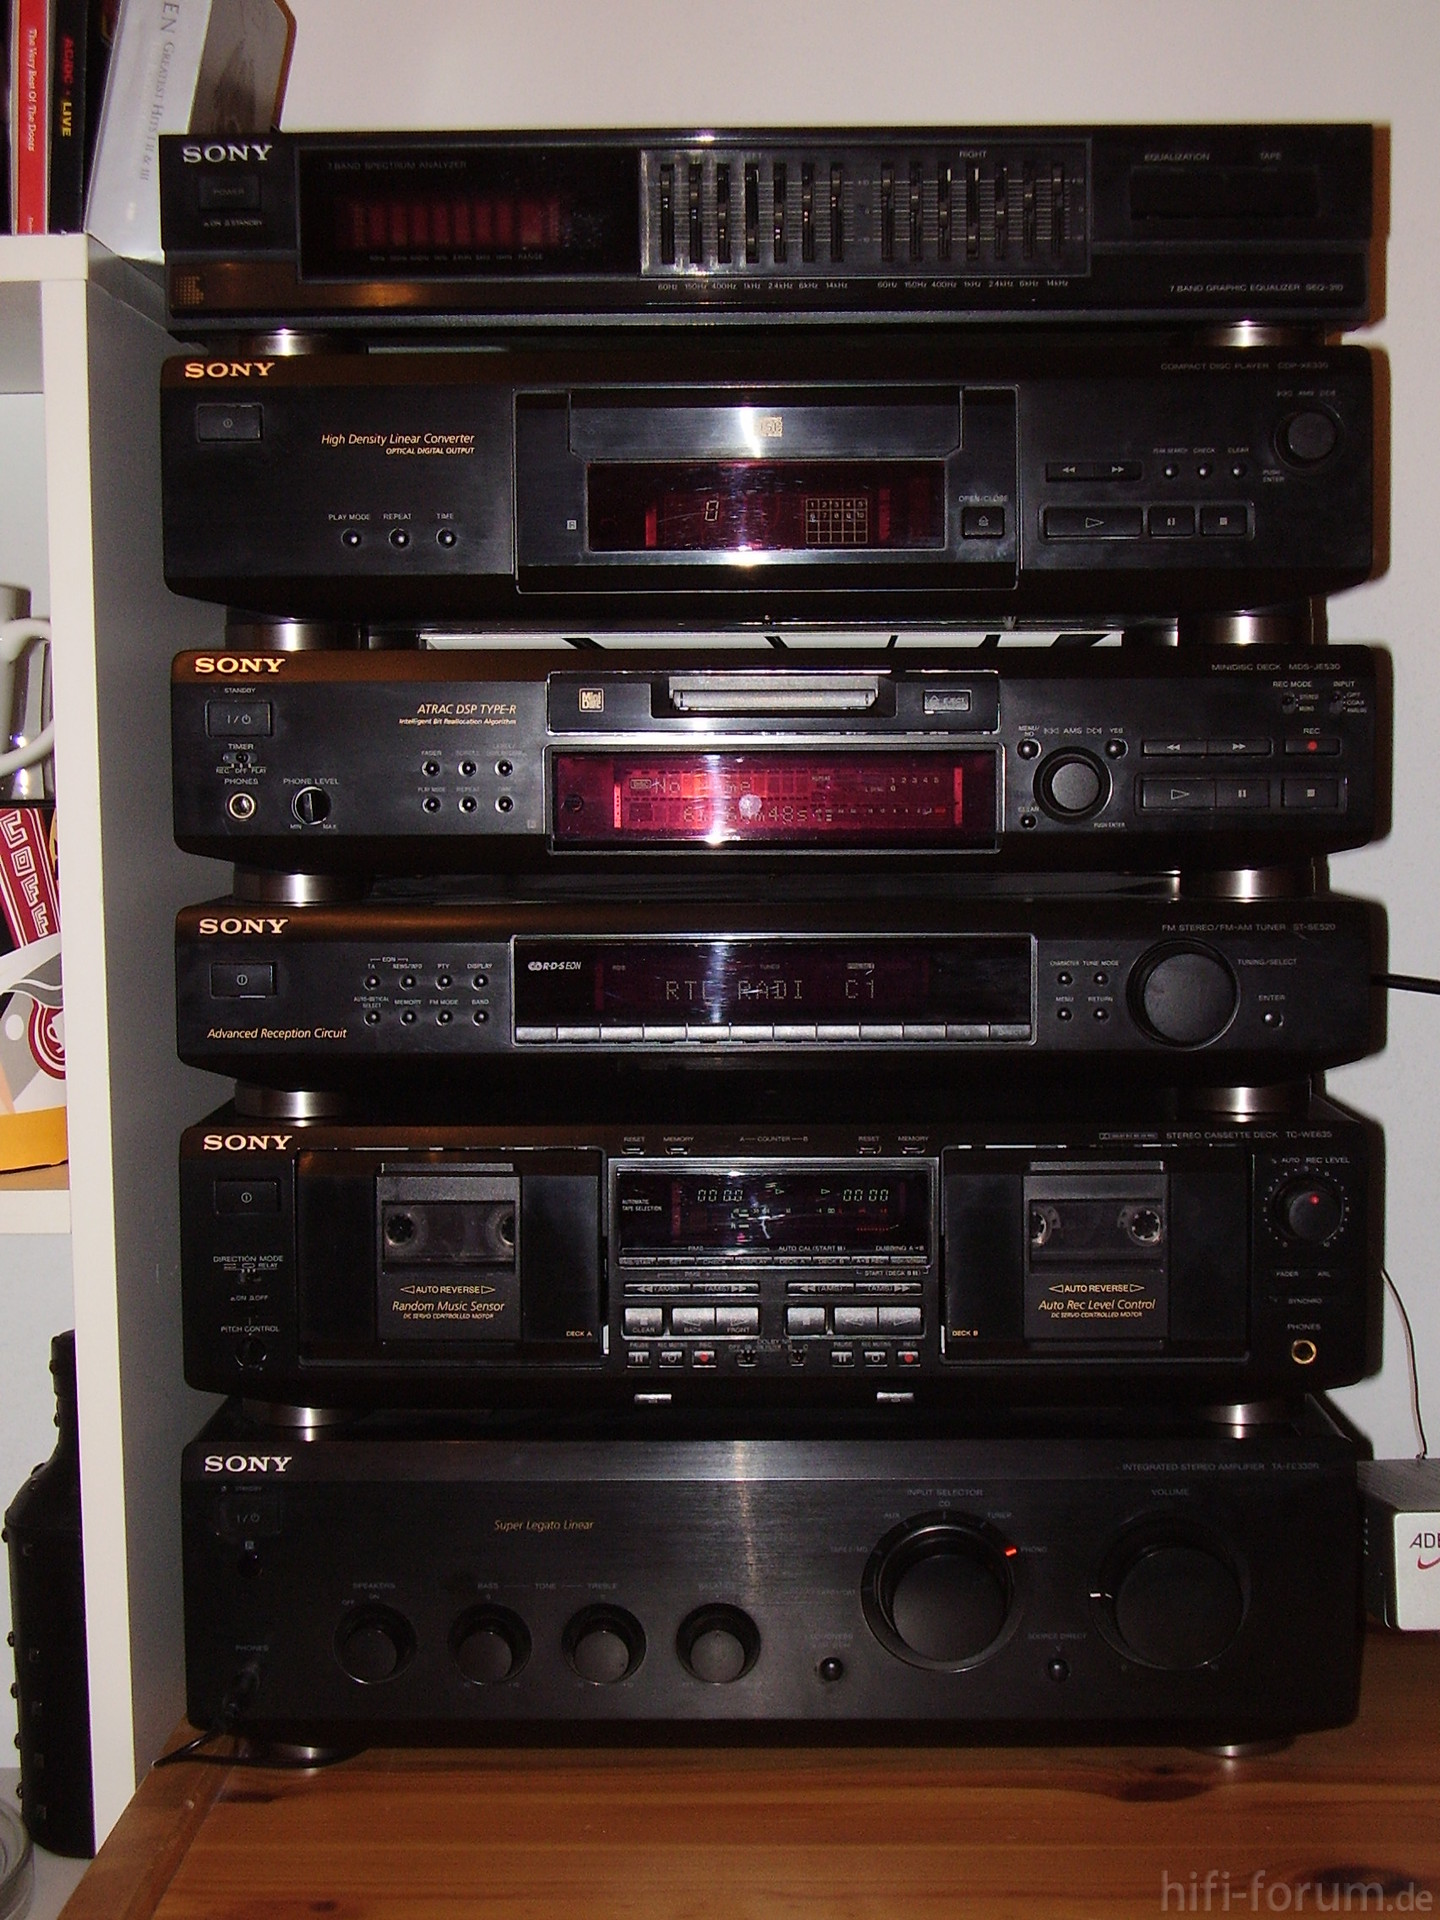 Sony anlage 6 bl cke 200 anlage bl cke sony hifi bildergalerie - Audio anlage wohnzimmer ...